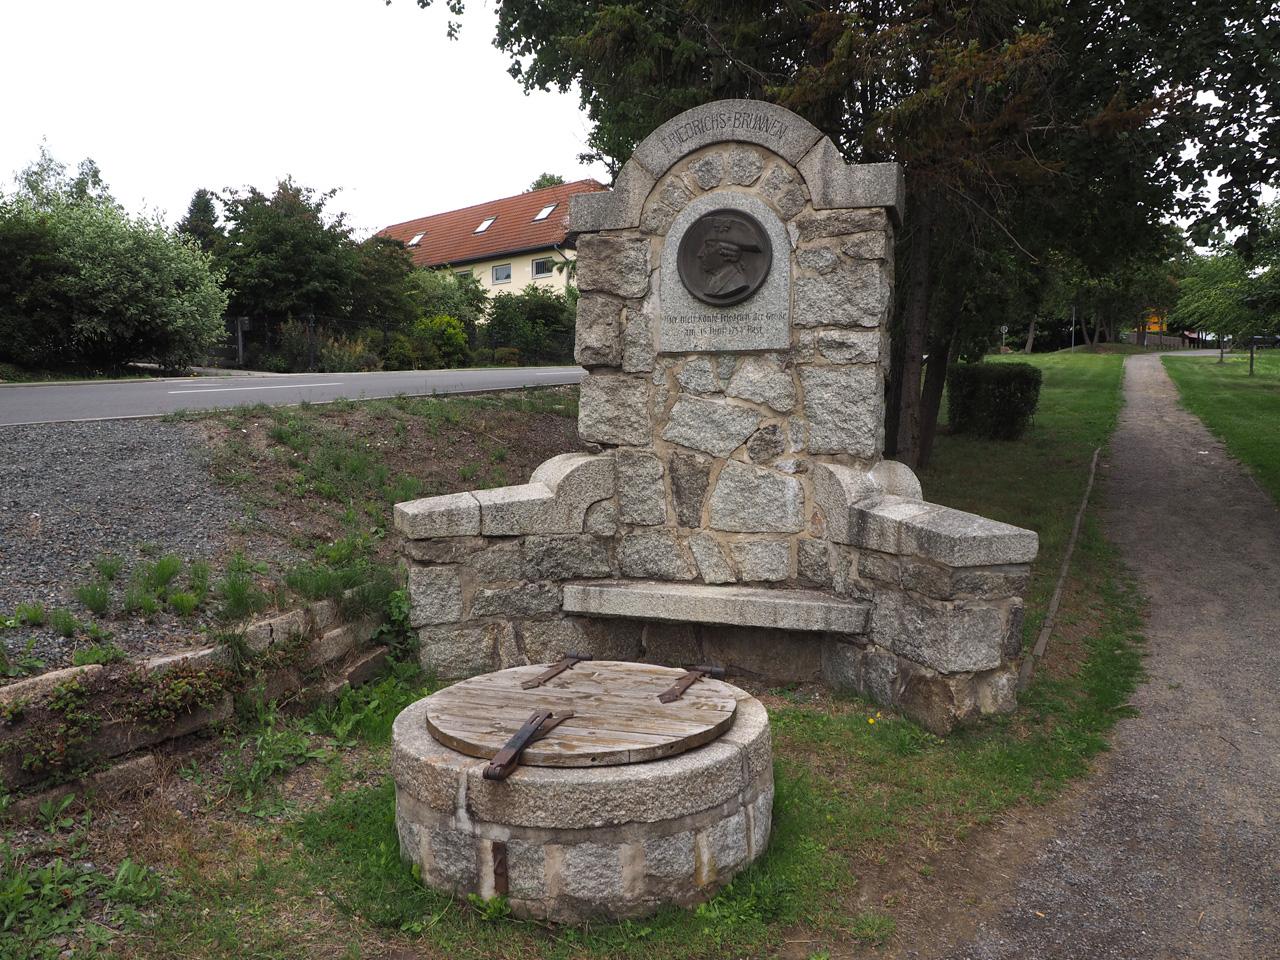 König Friedrich der Grosse monument